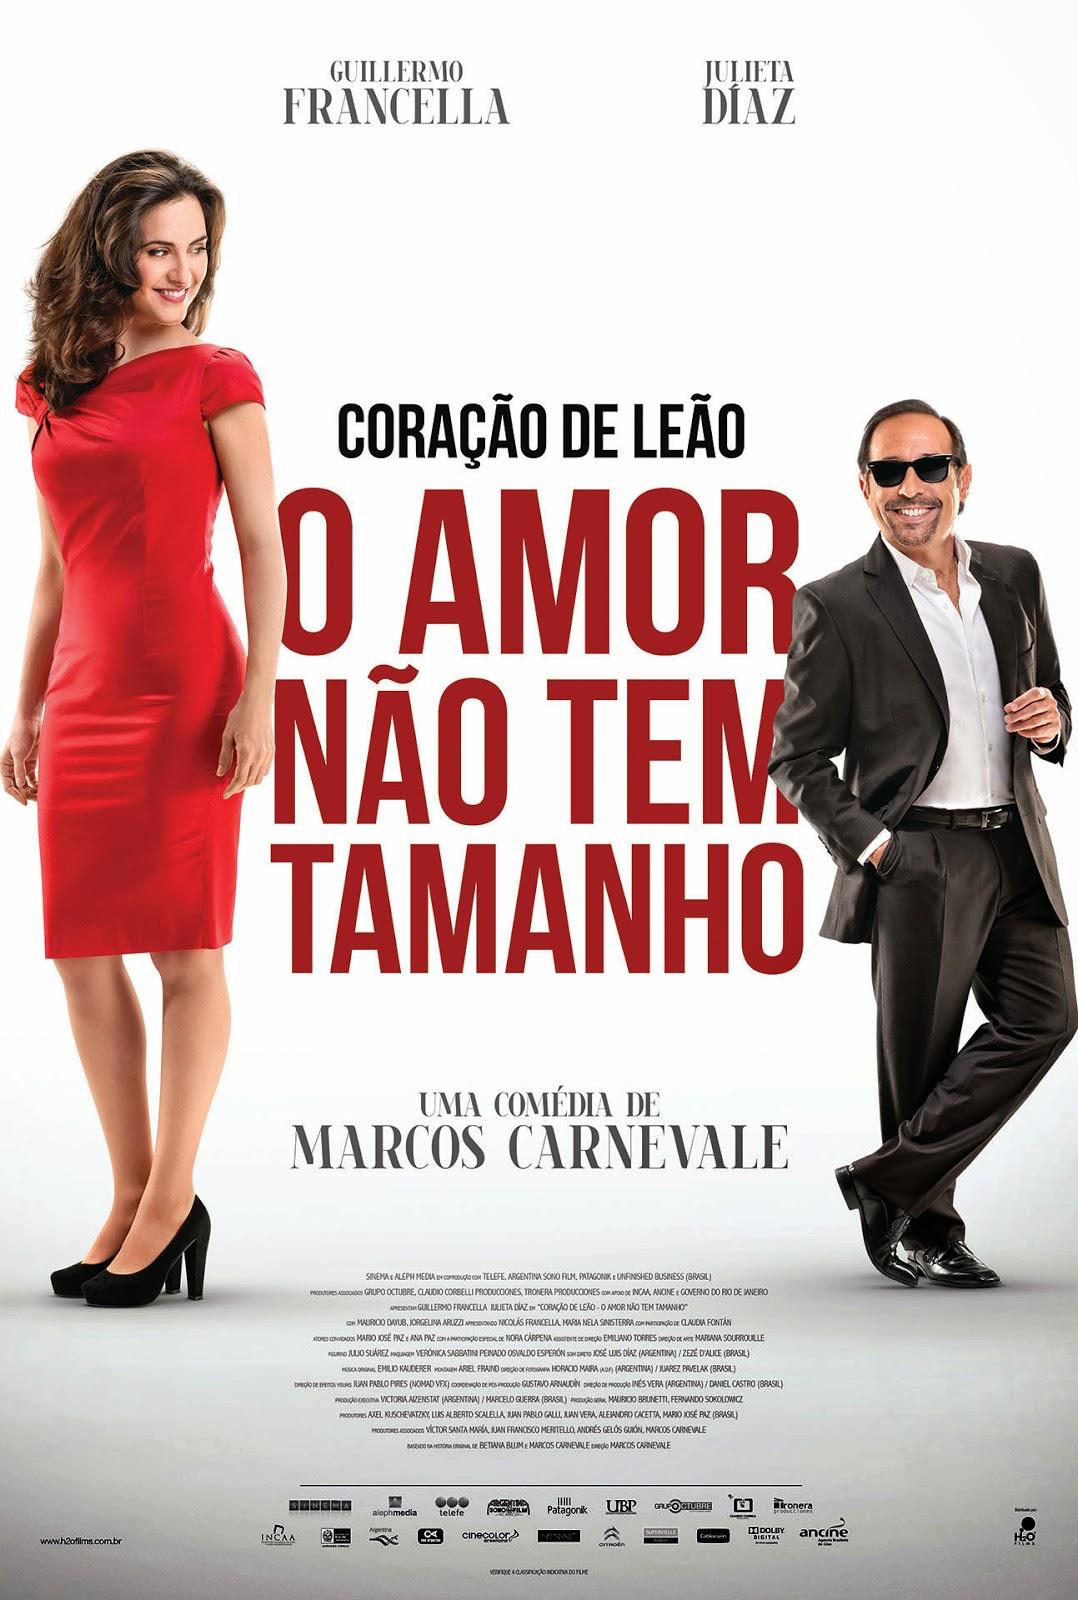 Download - Coração de Leão - O Amor Não Tem Tamanho - Dublado (2014)